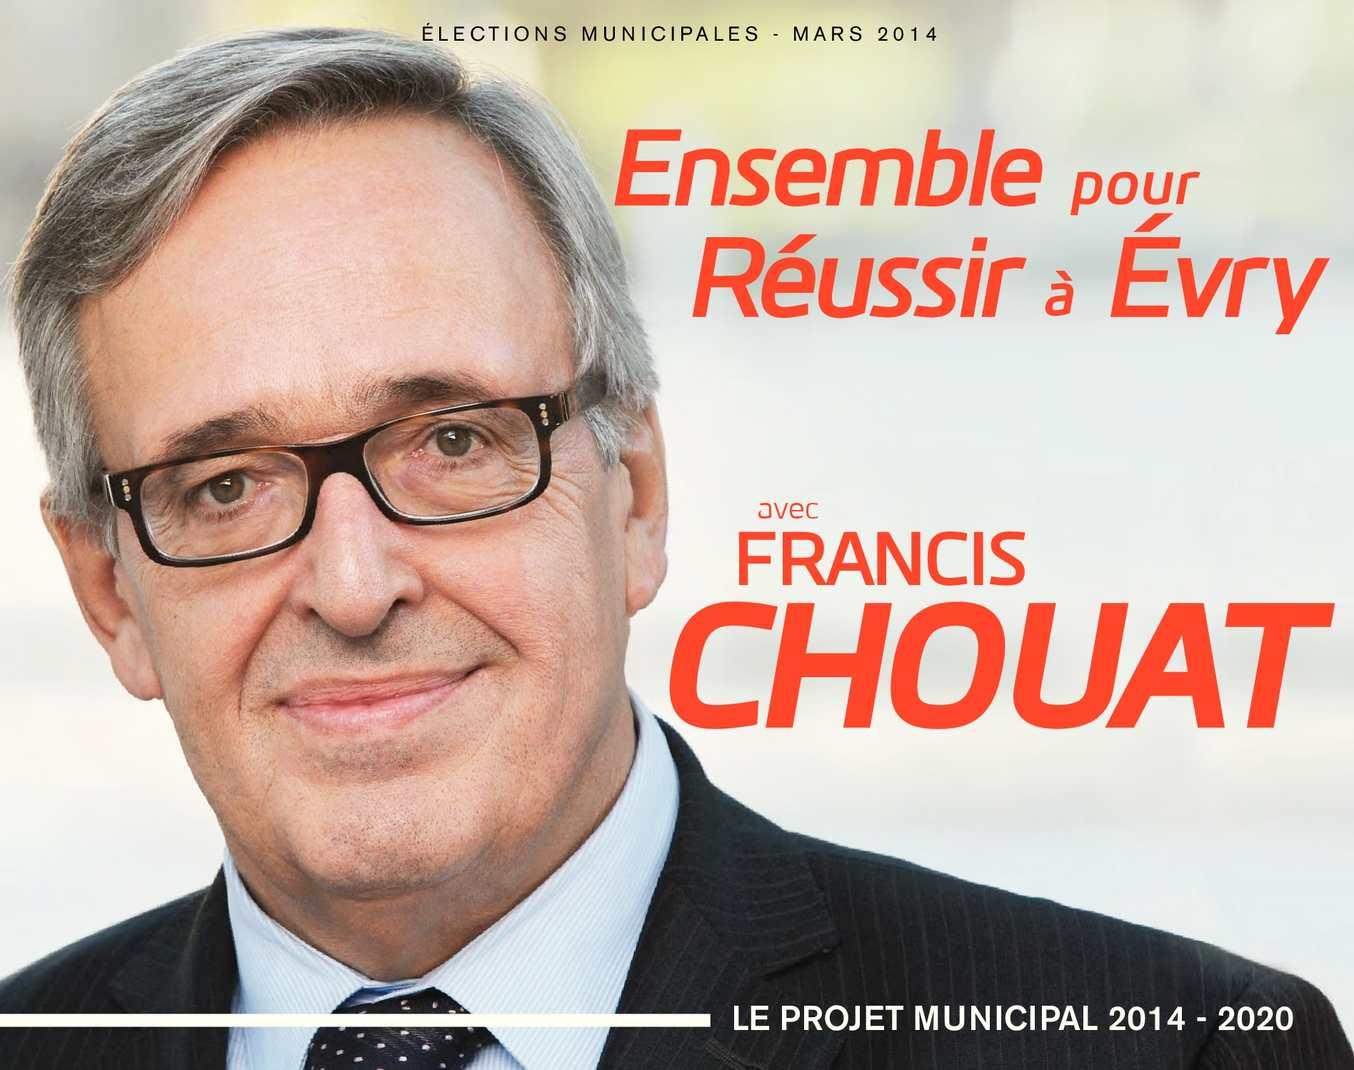 """Programme de la liste """"Ensemble pour réussir à Evry"""